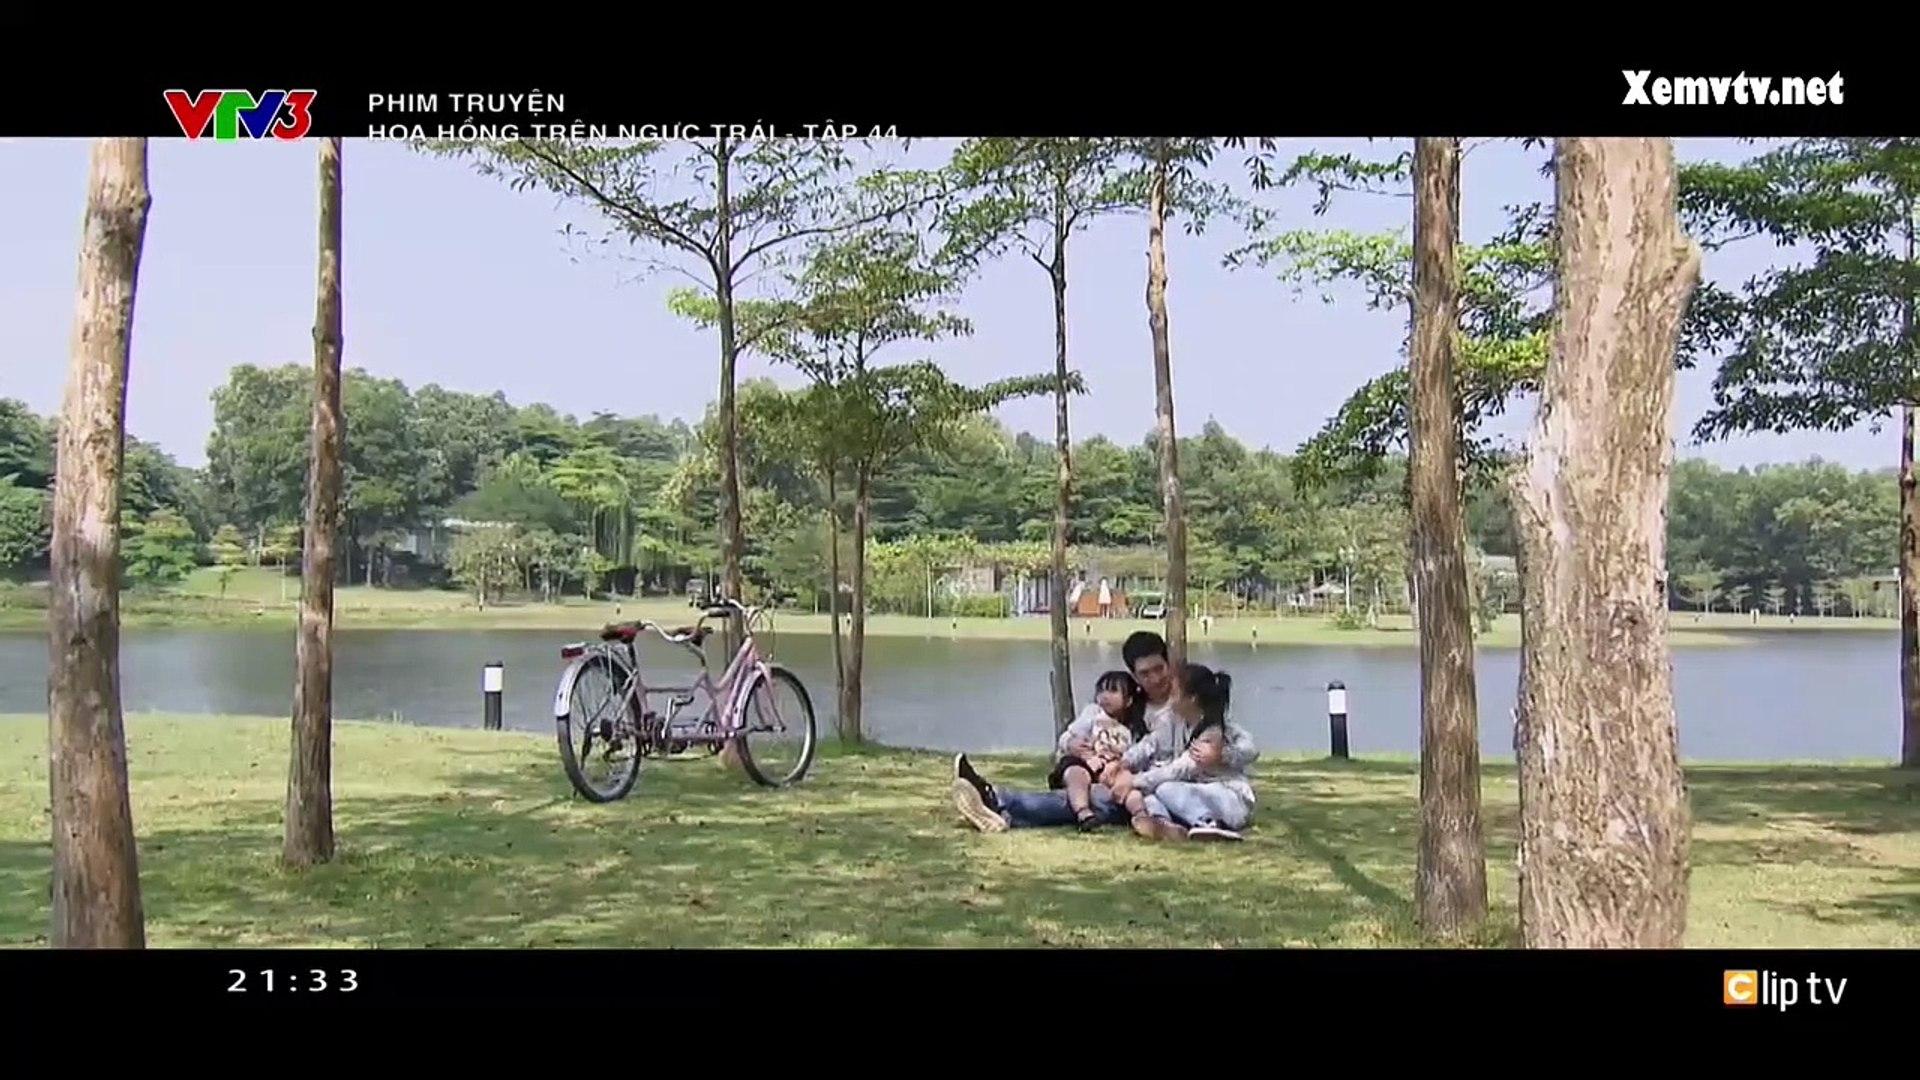 Hoa Hồng Trên Ngực Trái Tập 45 - Phim Việt Nam 2019